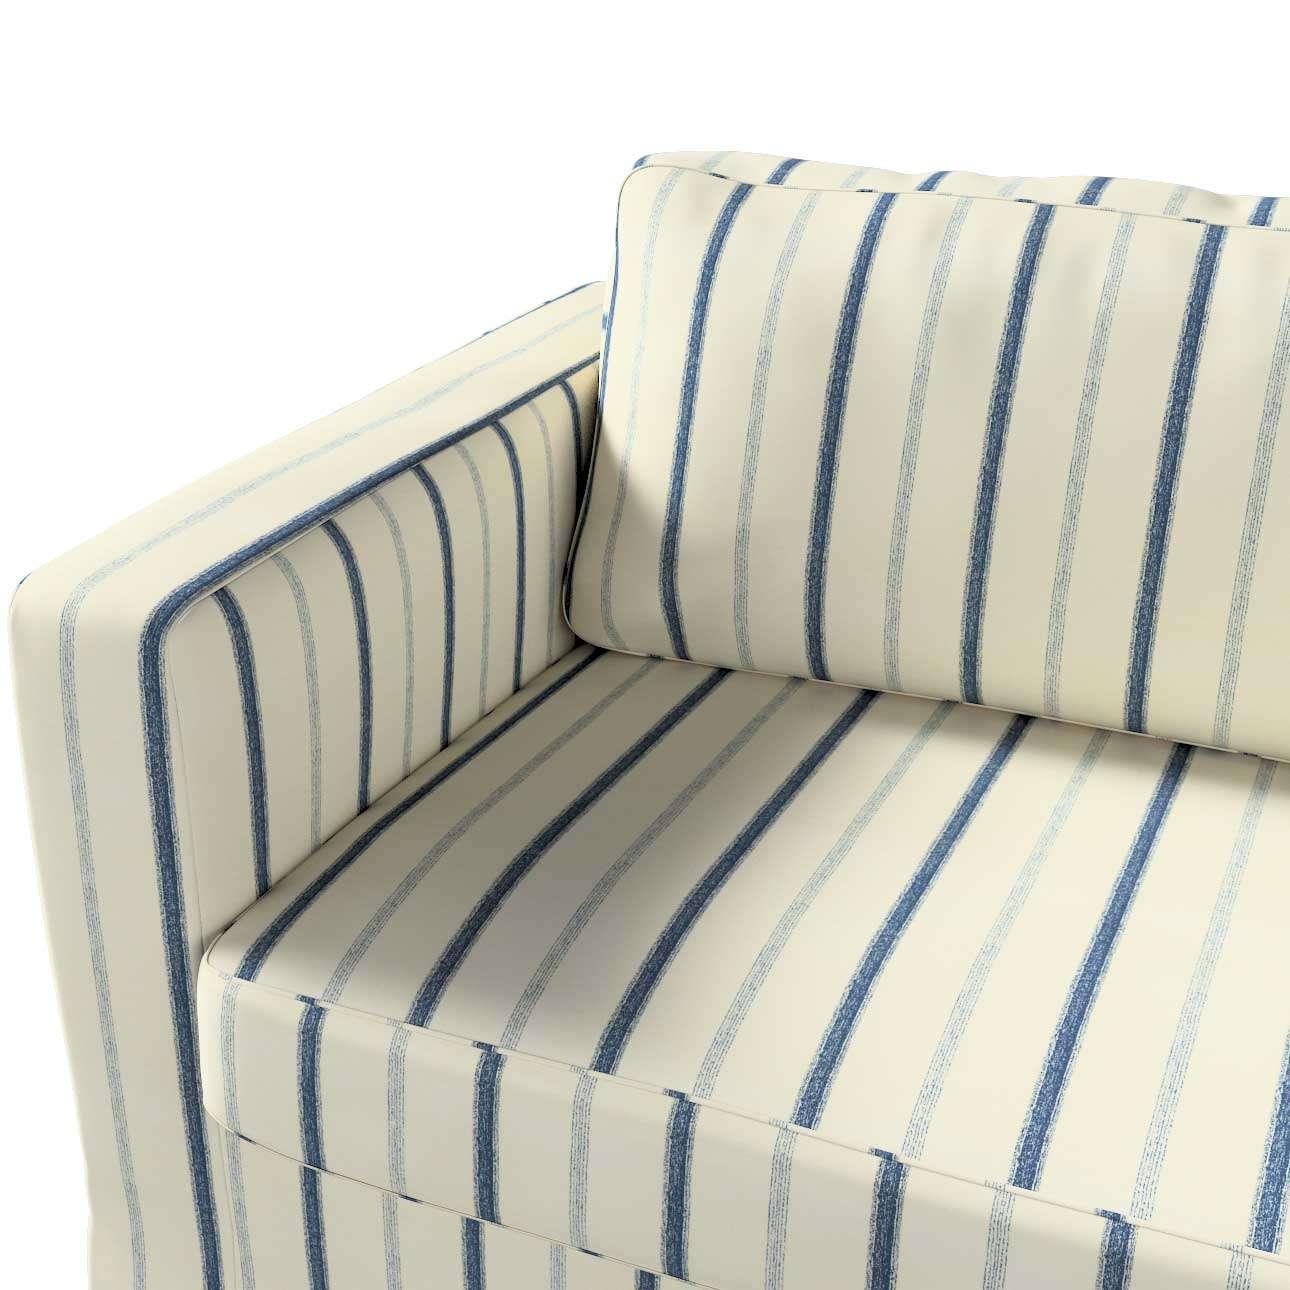 Pokrowiec na sofę Karlstad 3-osobową nierozkładaną, długi w kolekcji Avinon, tkanina: 129-66